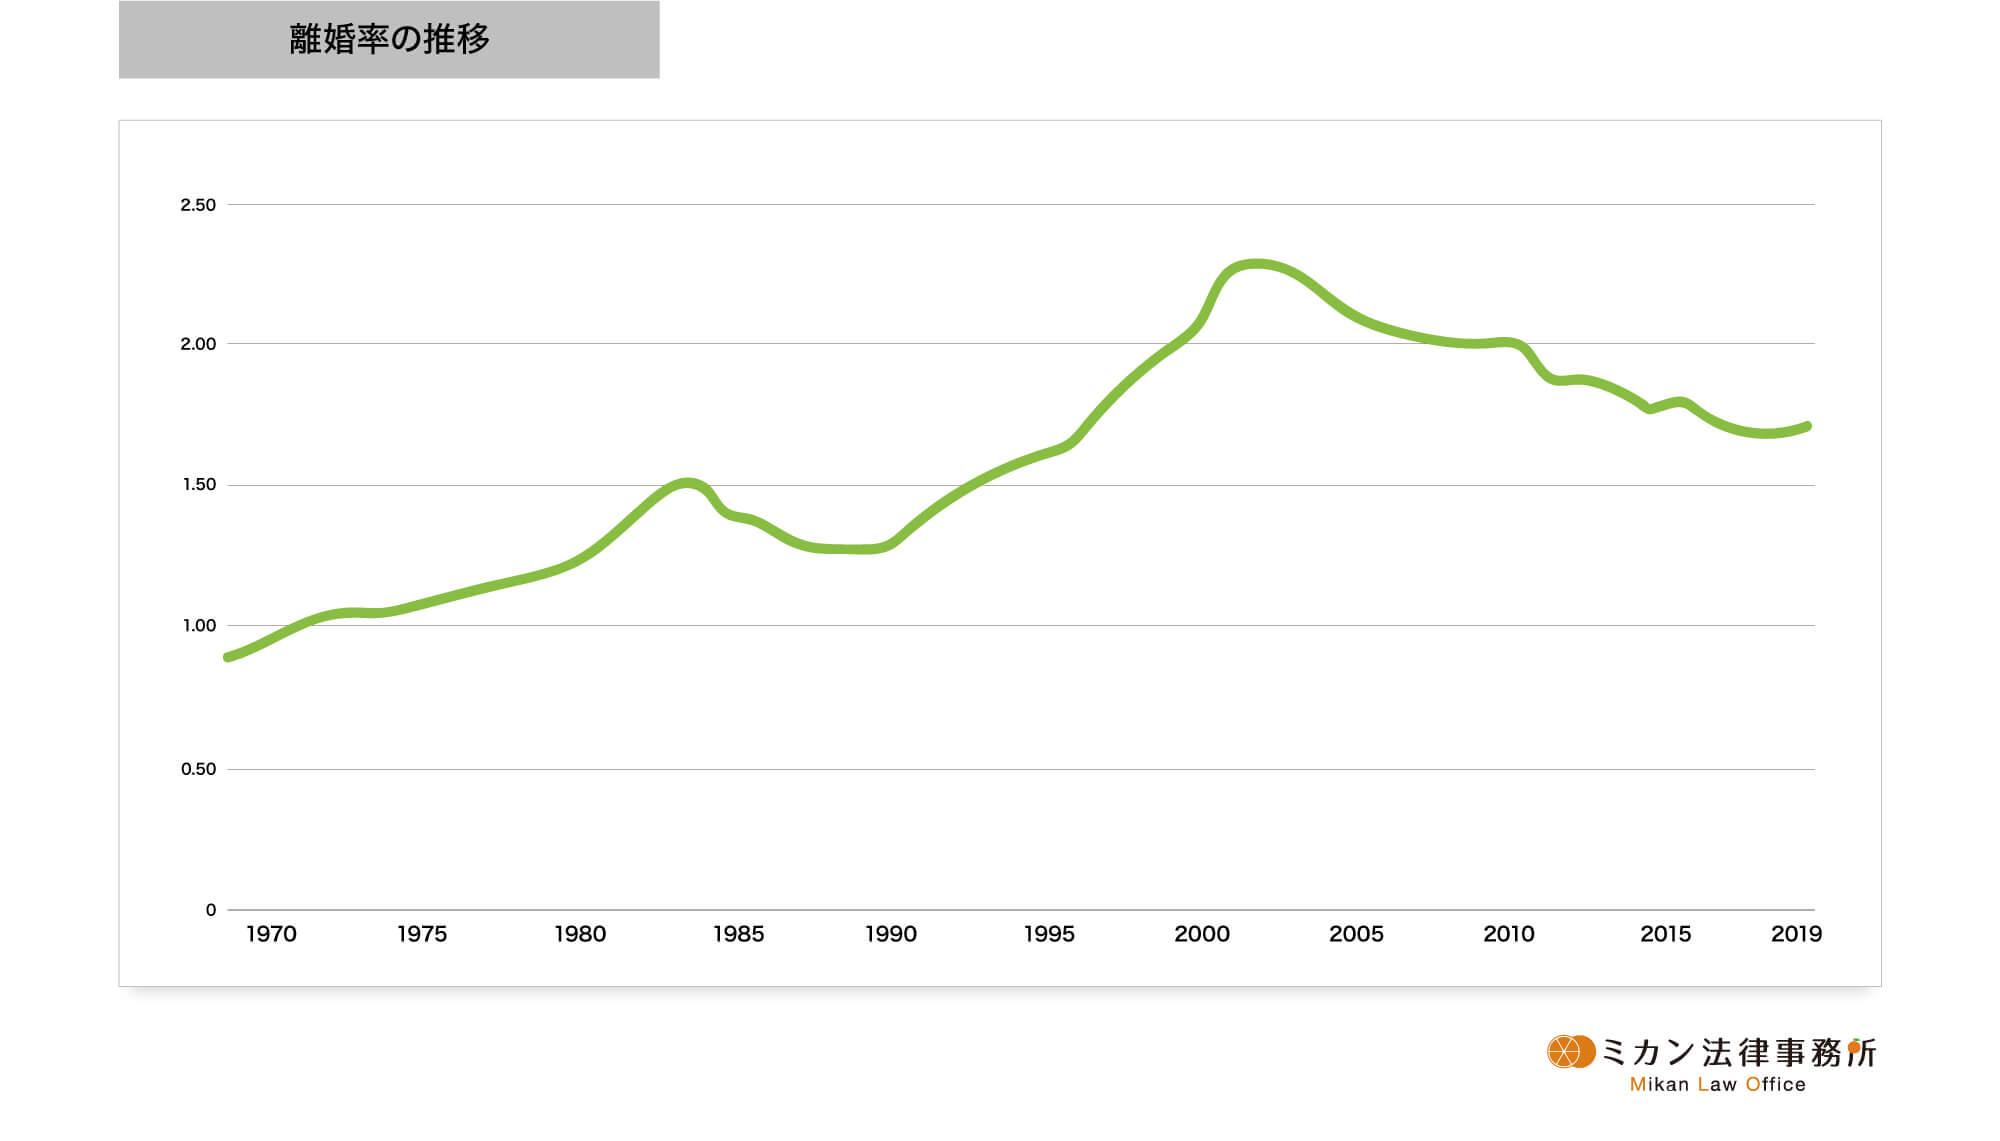 離婚率の推移グラフ